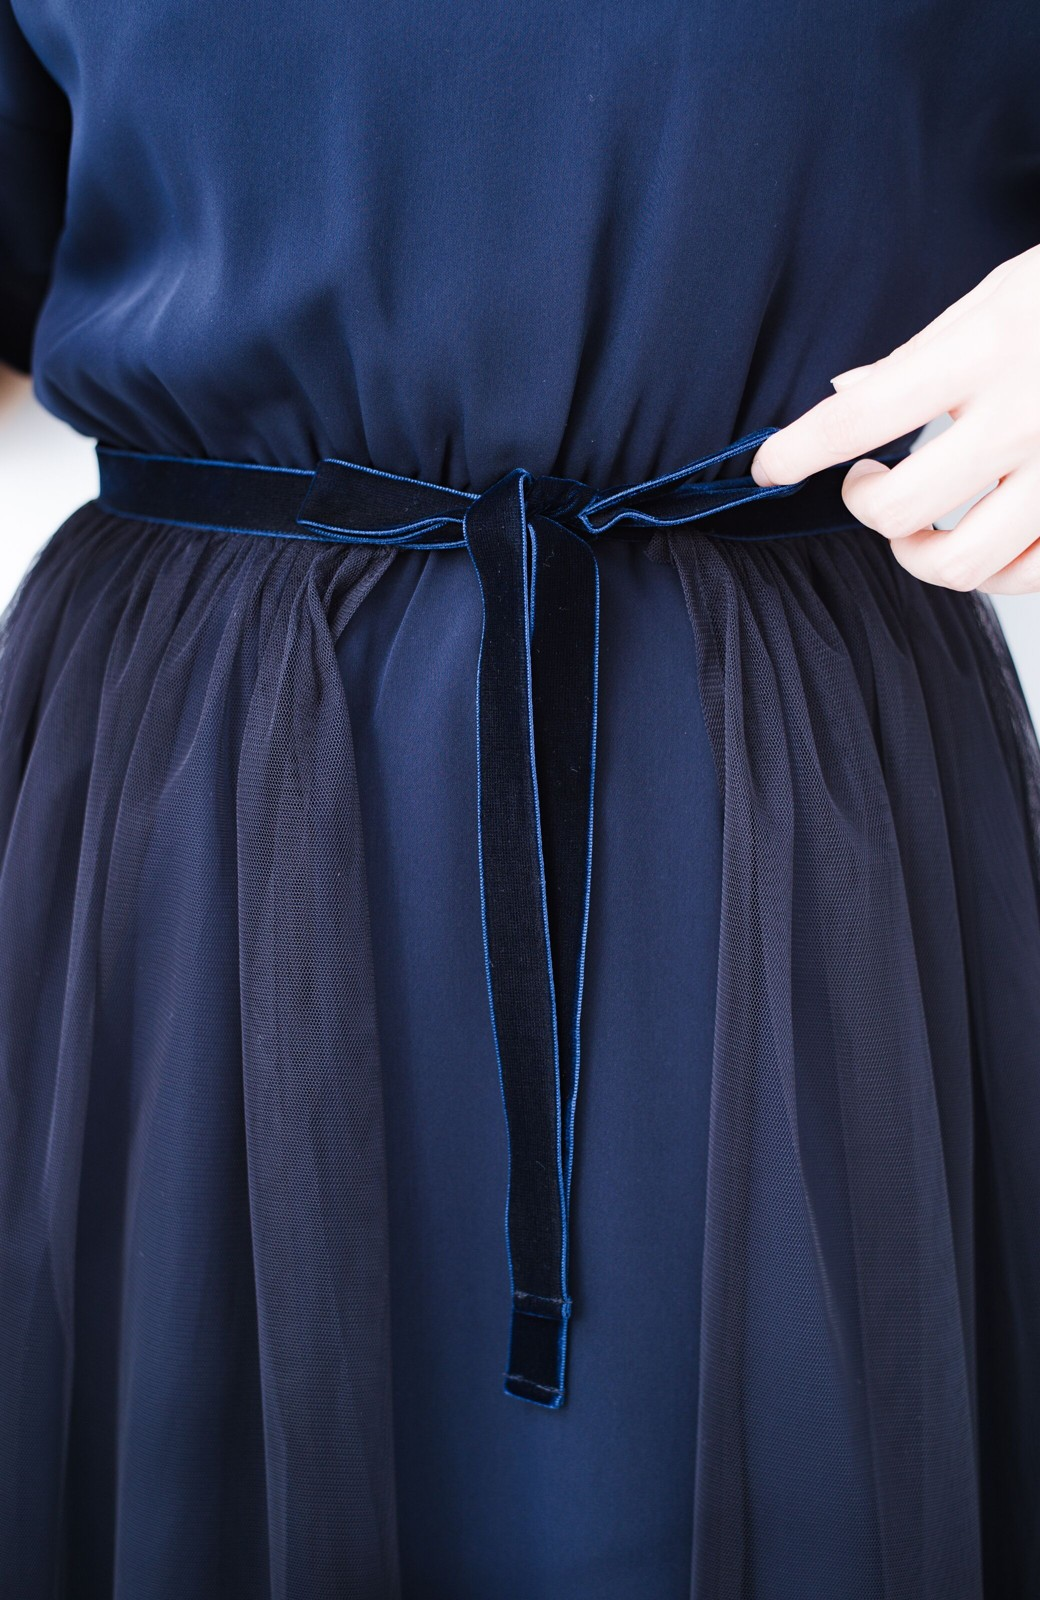 haco! 結婚式や二次会に便利!チュールと重ねて華やか見えが叶うフォーマルワンピースと重ねスカートセット <ネイビー>の商品写真16